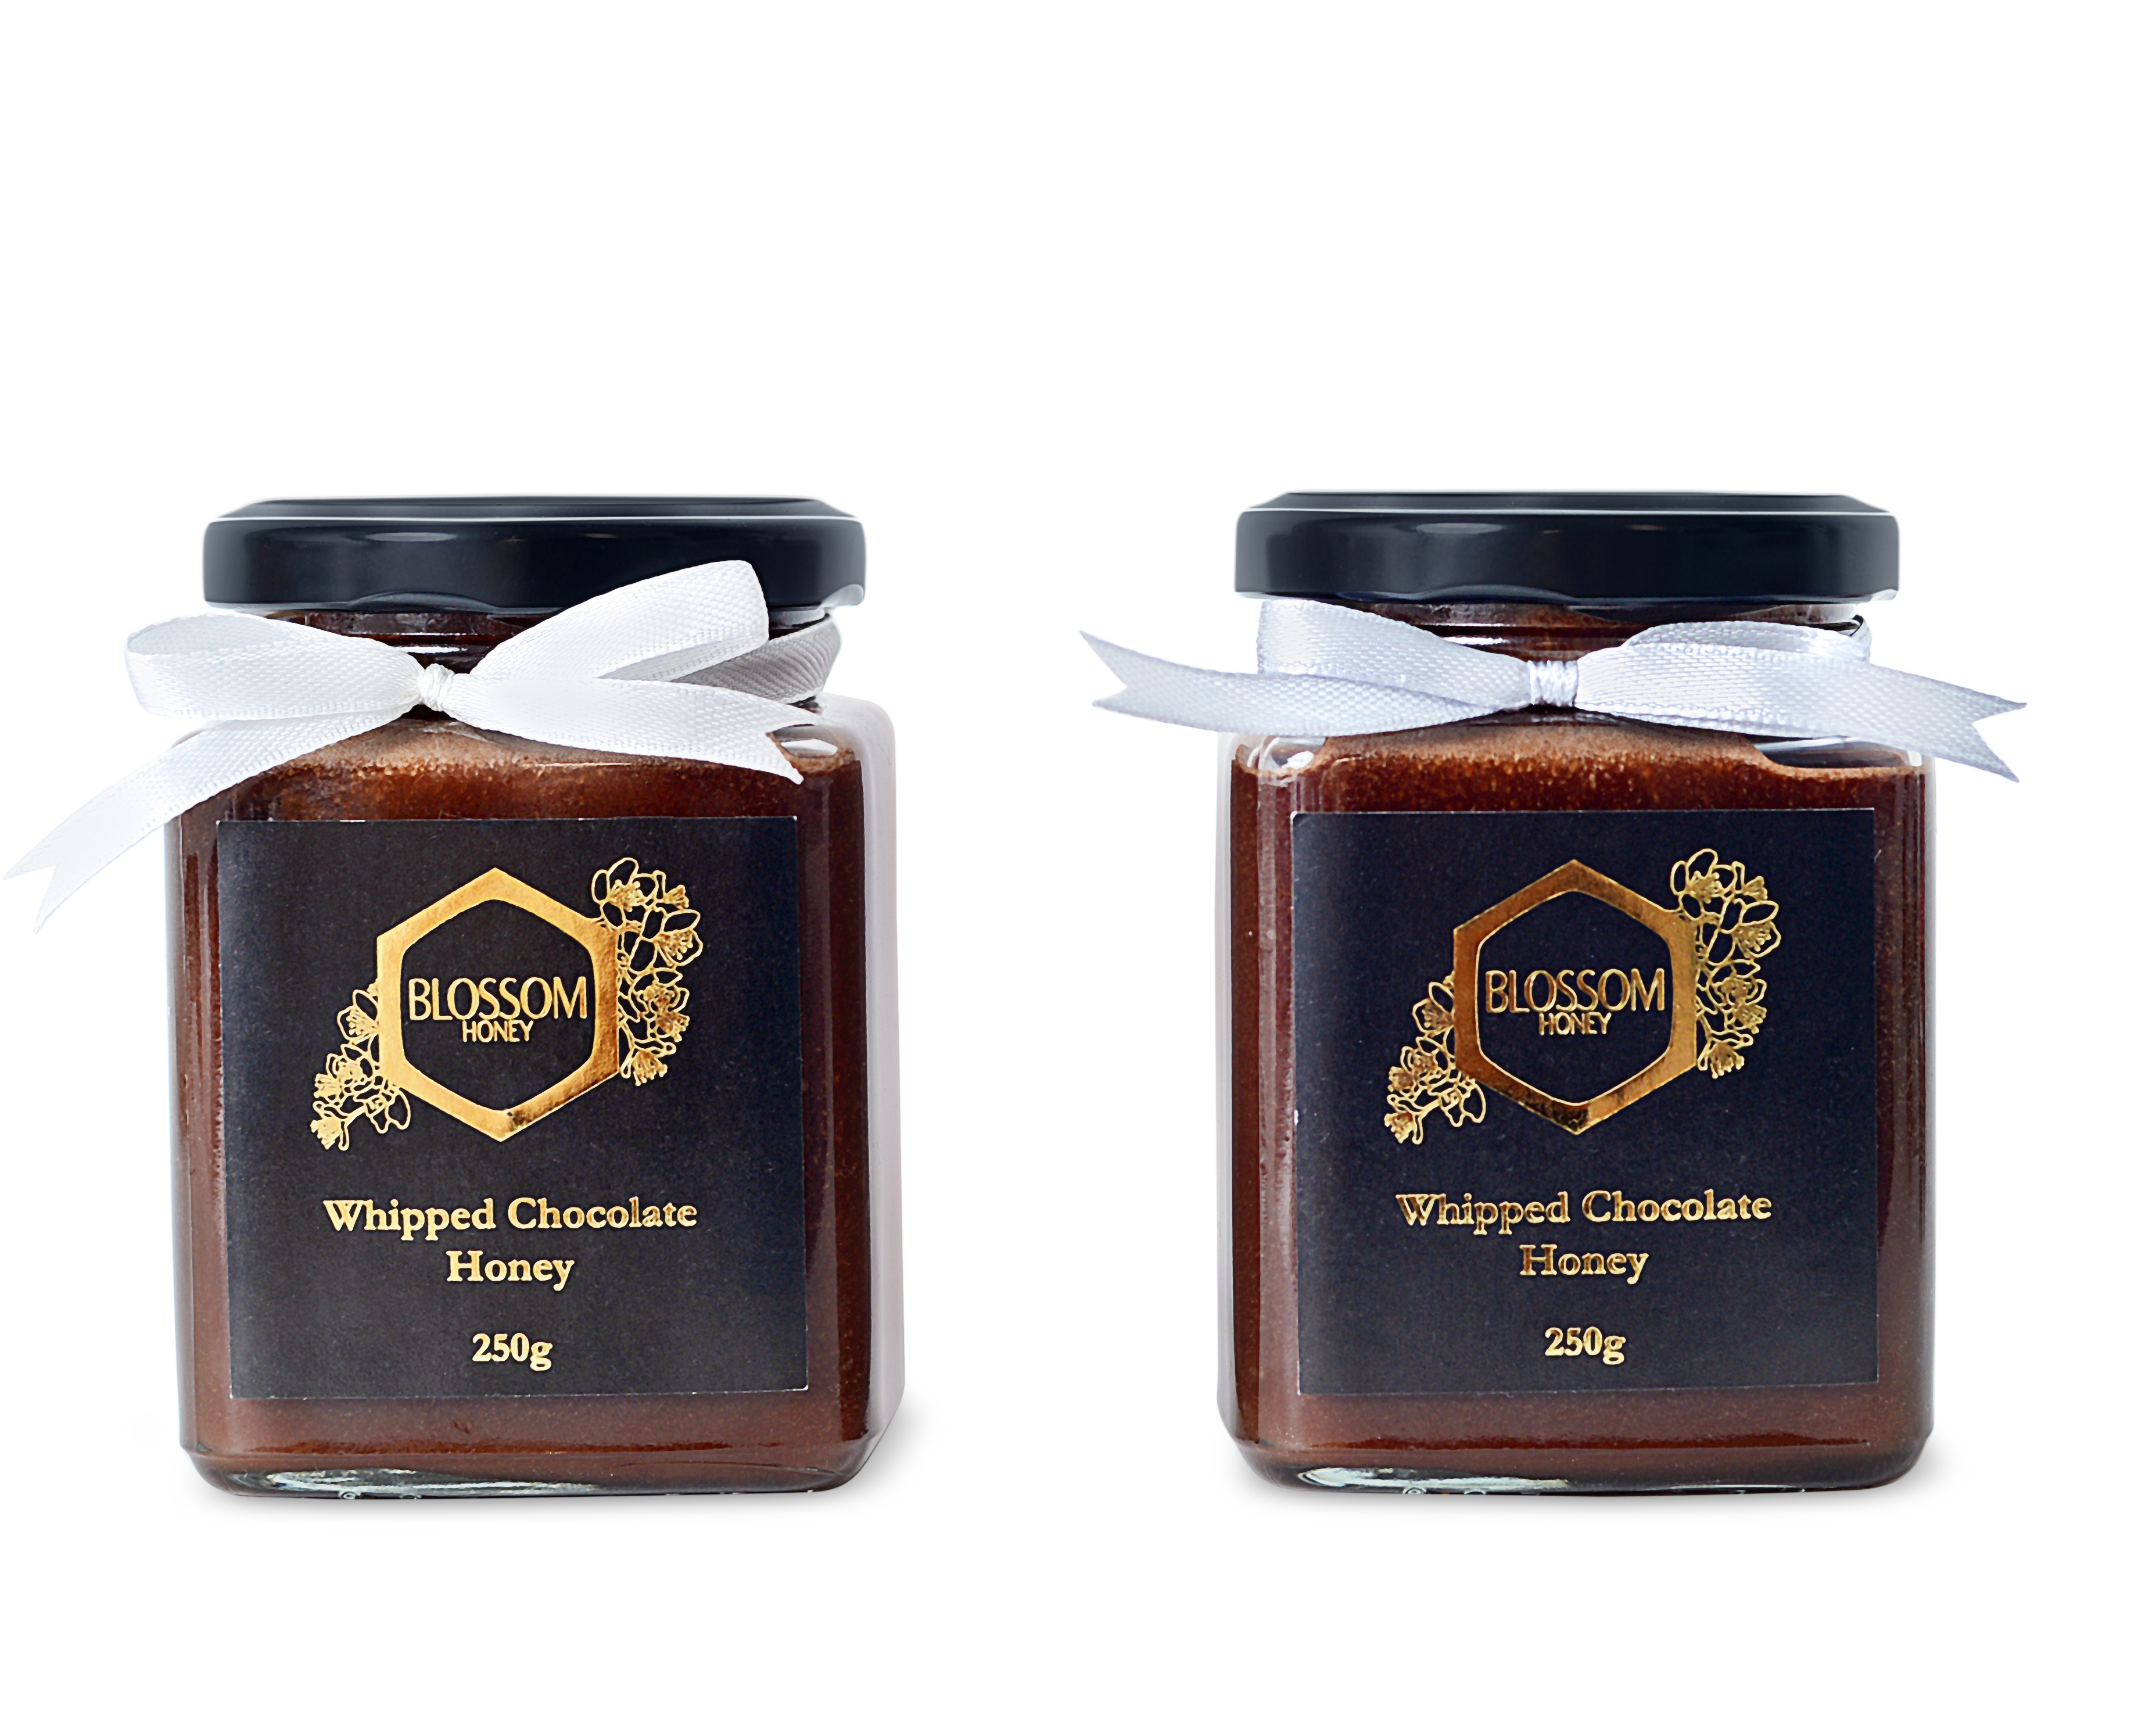 Whipped Chocolate Honey